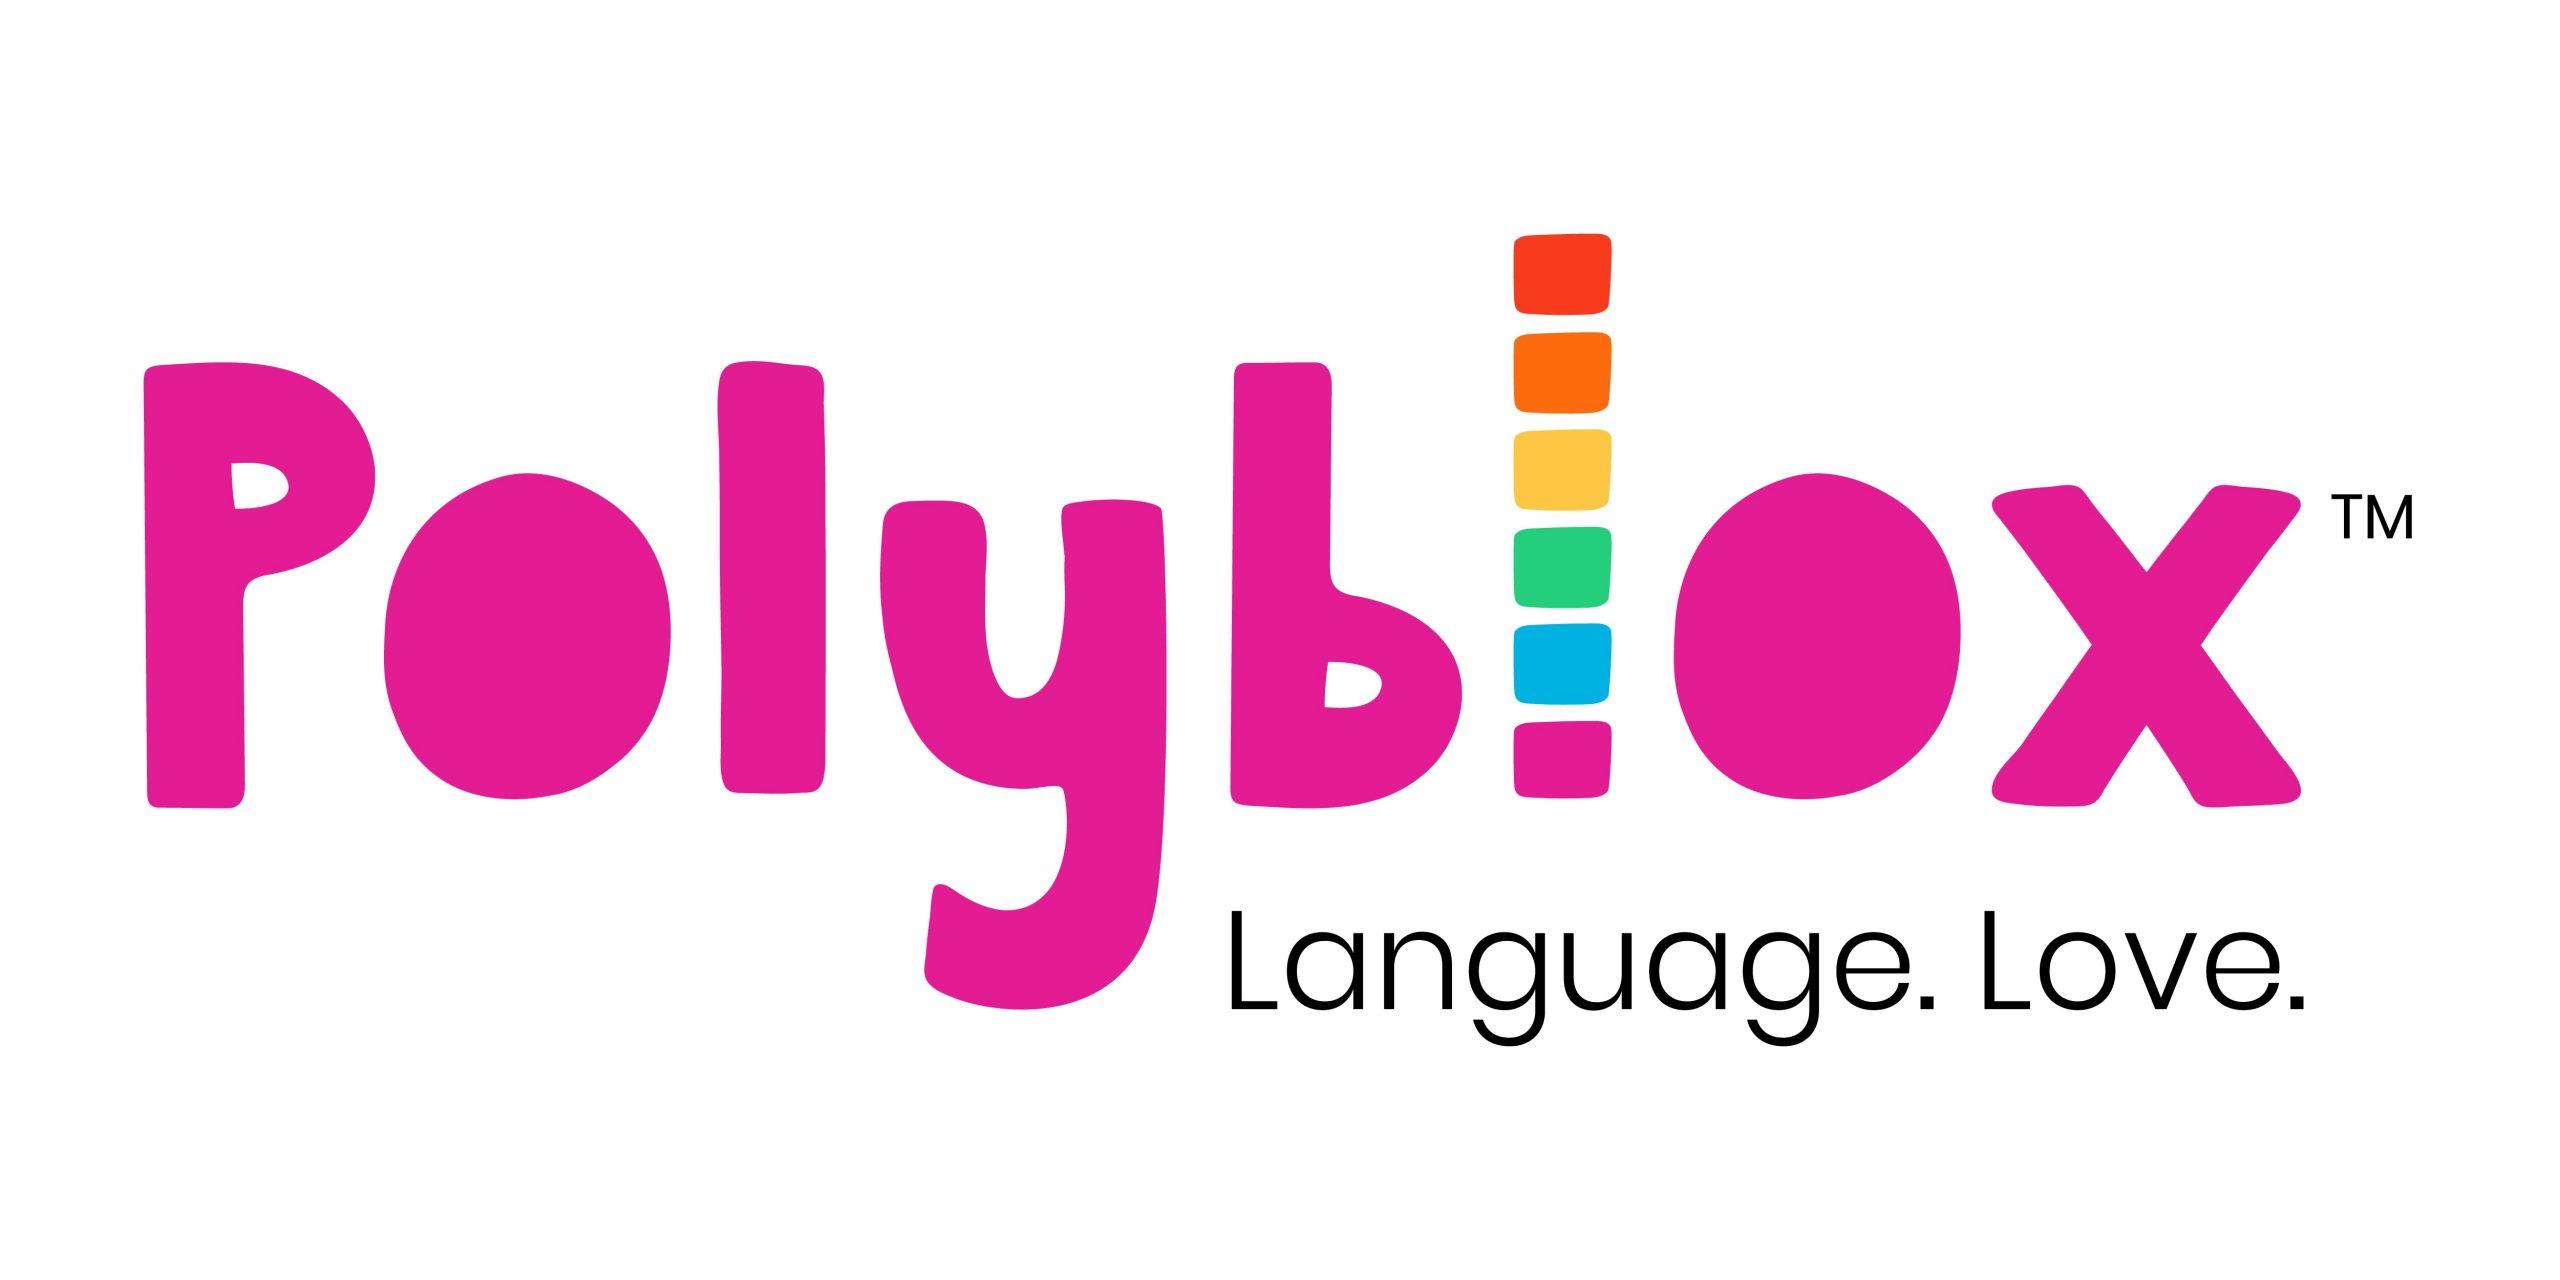 Polyblox